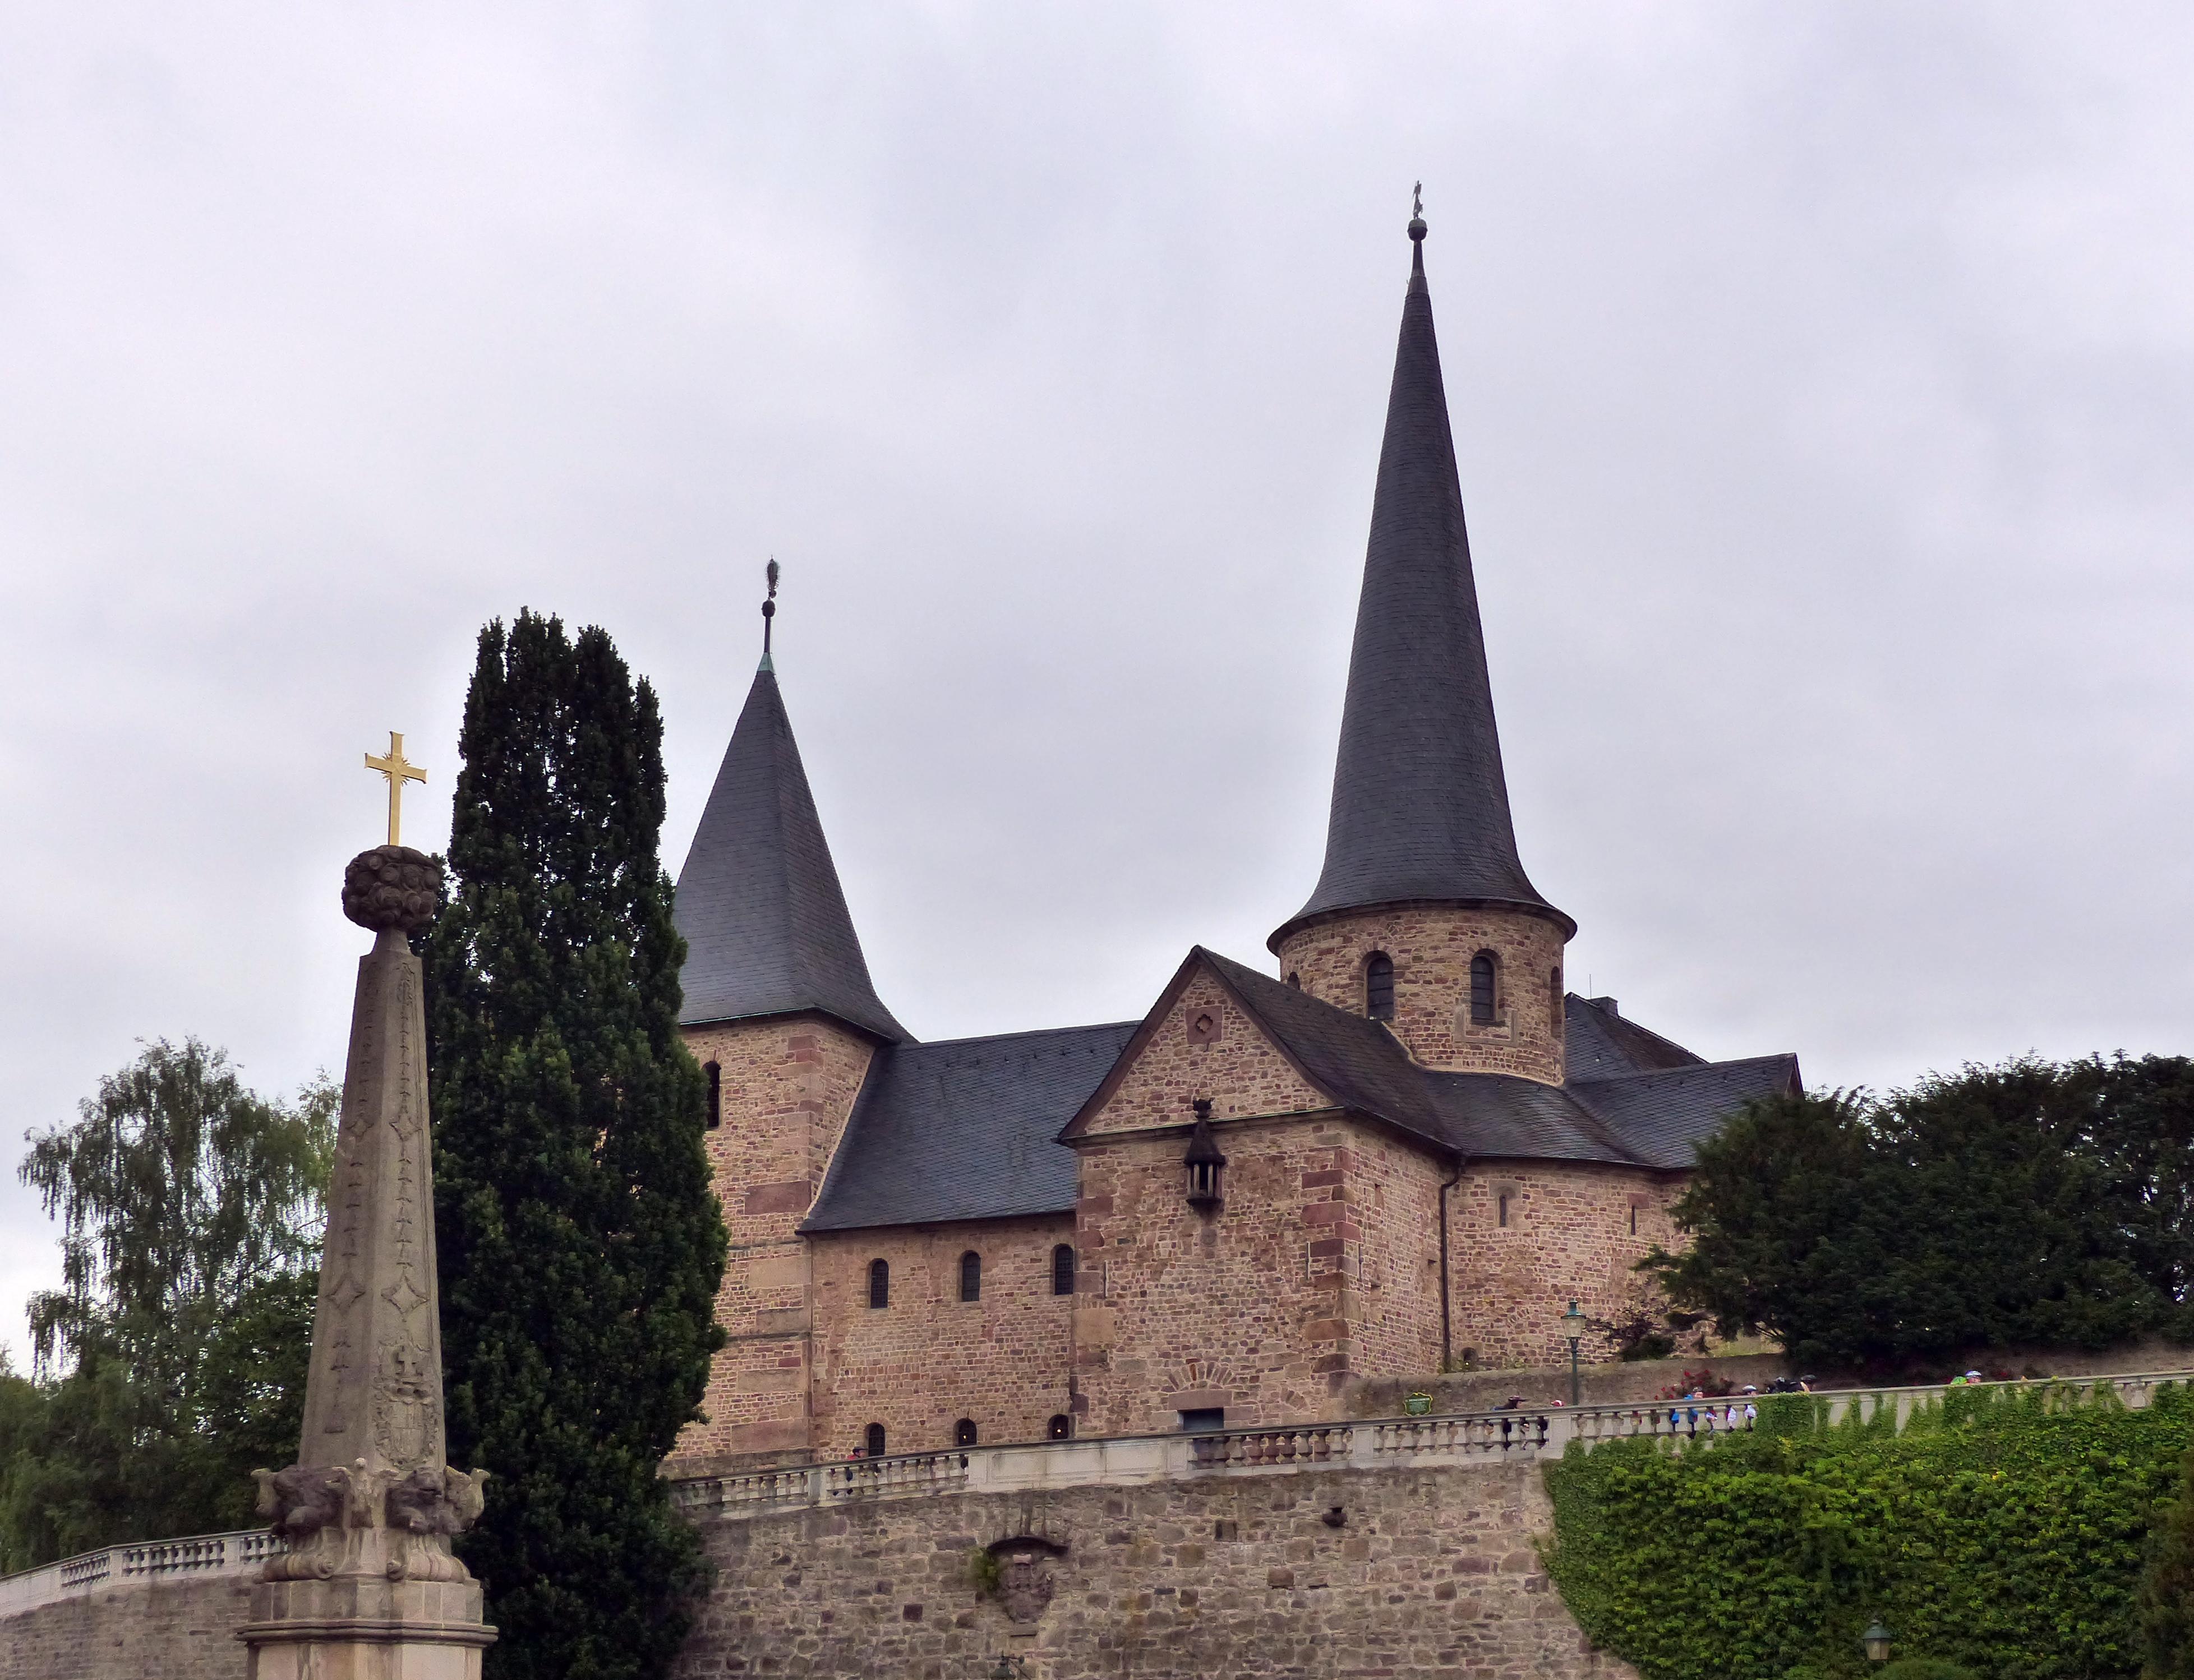 St Michaelskirche